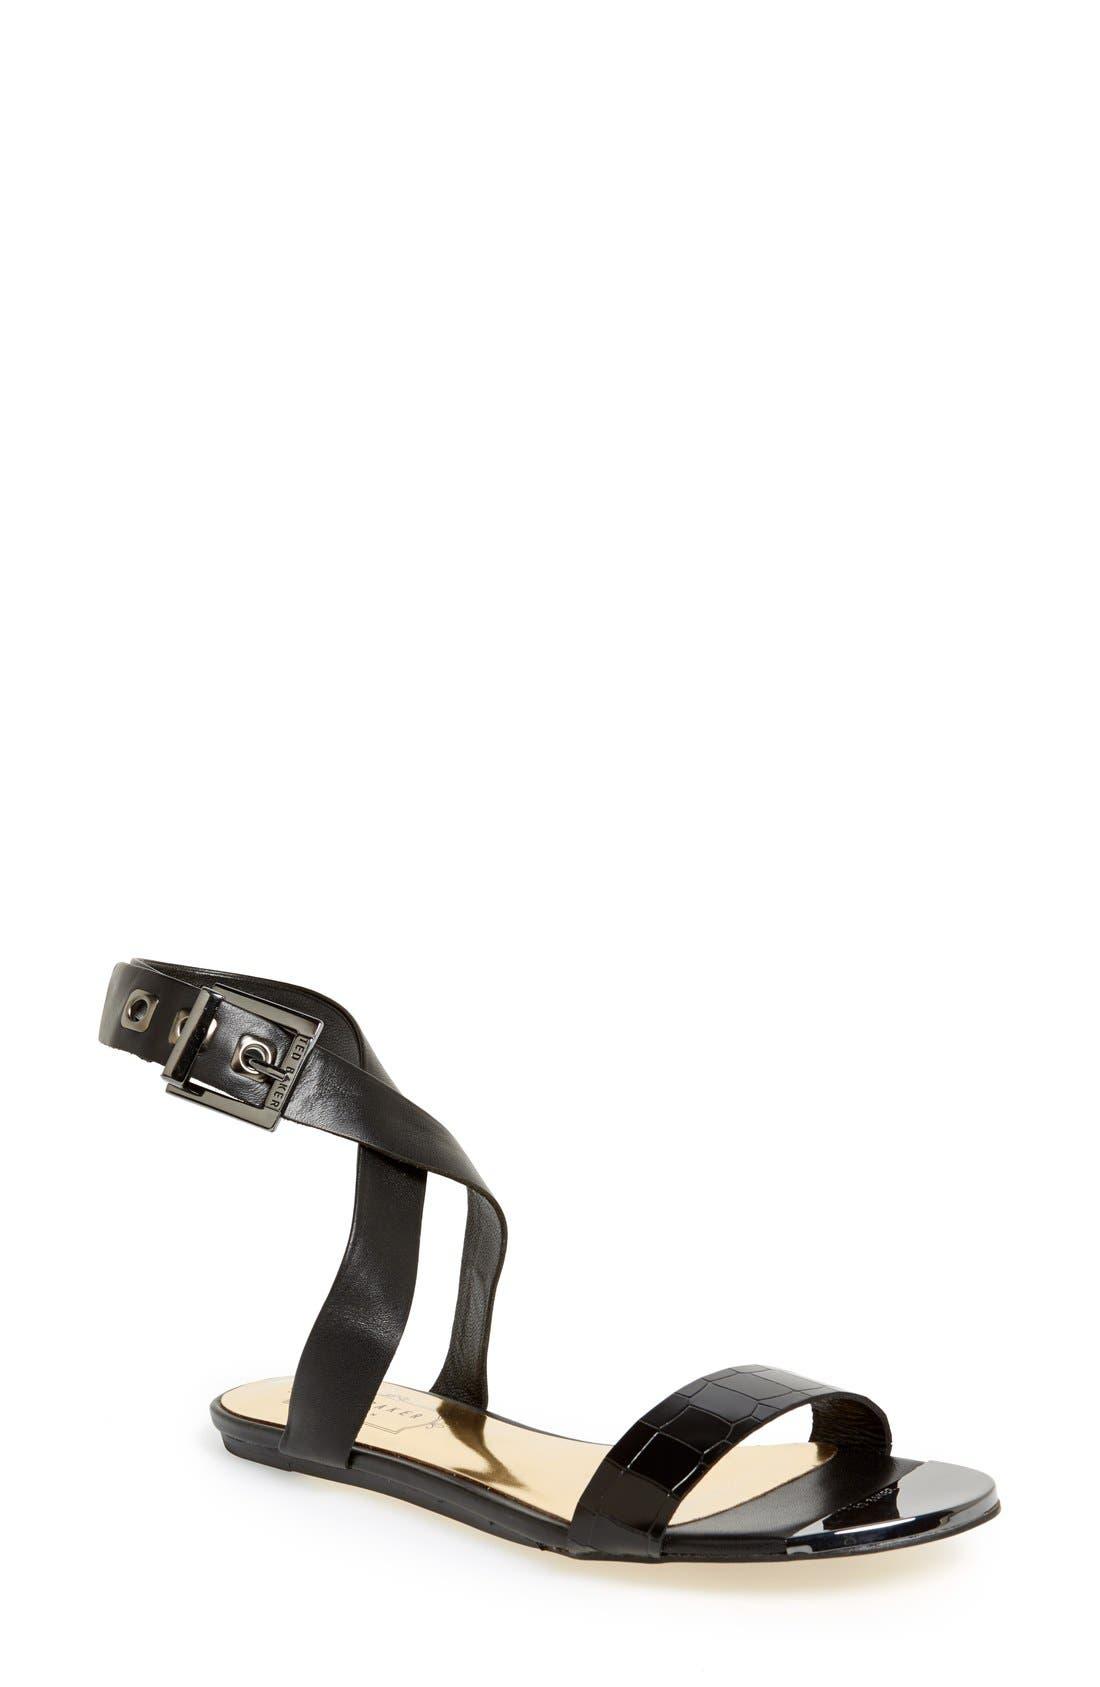 Alternate Image 1 Selected - Ted Baker London 'Tabbey' Sandal